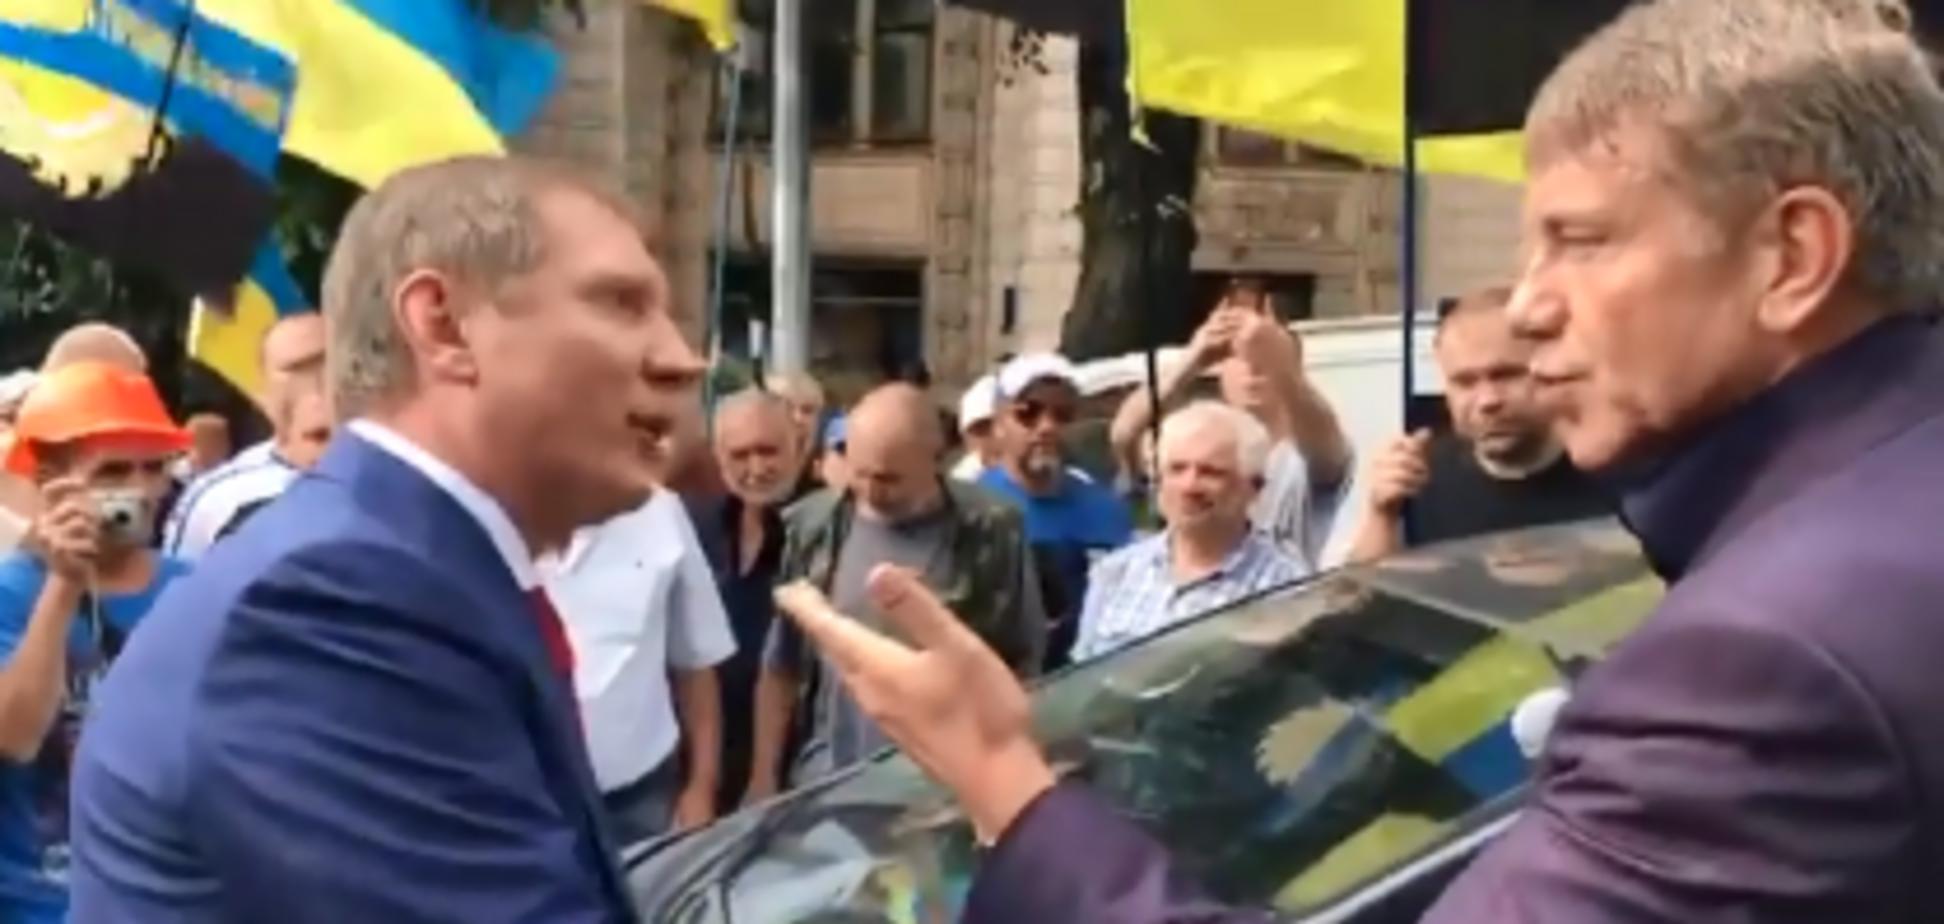 На мітингу шахтарів у Києві сталася бійка між міністром і нардепом